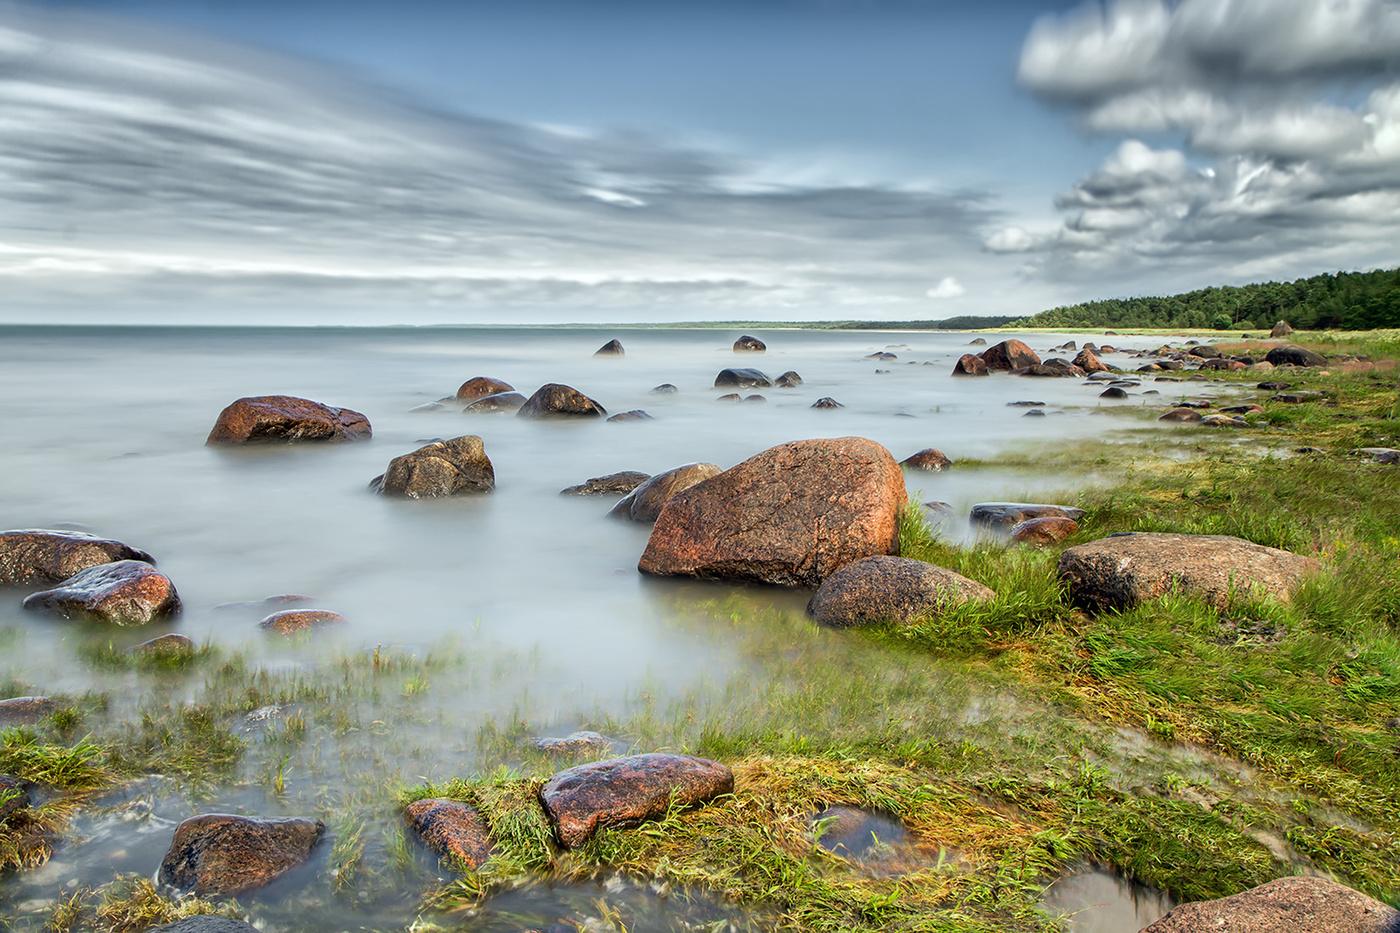 последствия фото пейзаж балтики тем целям